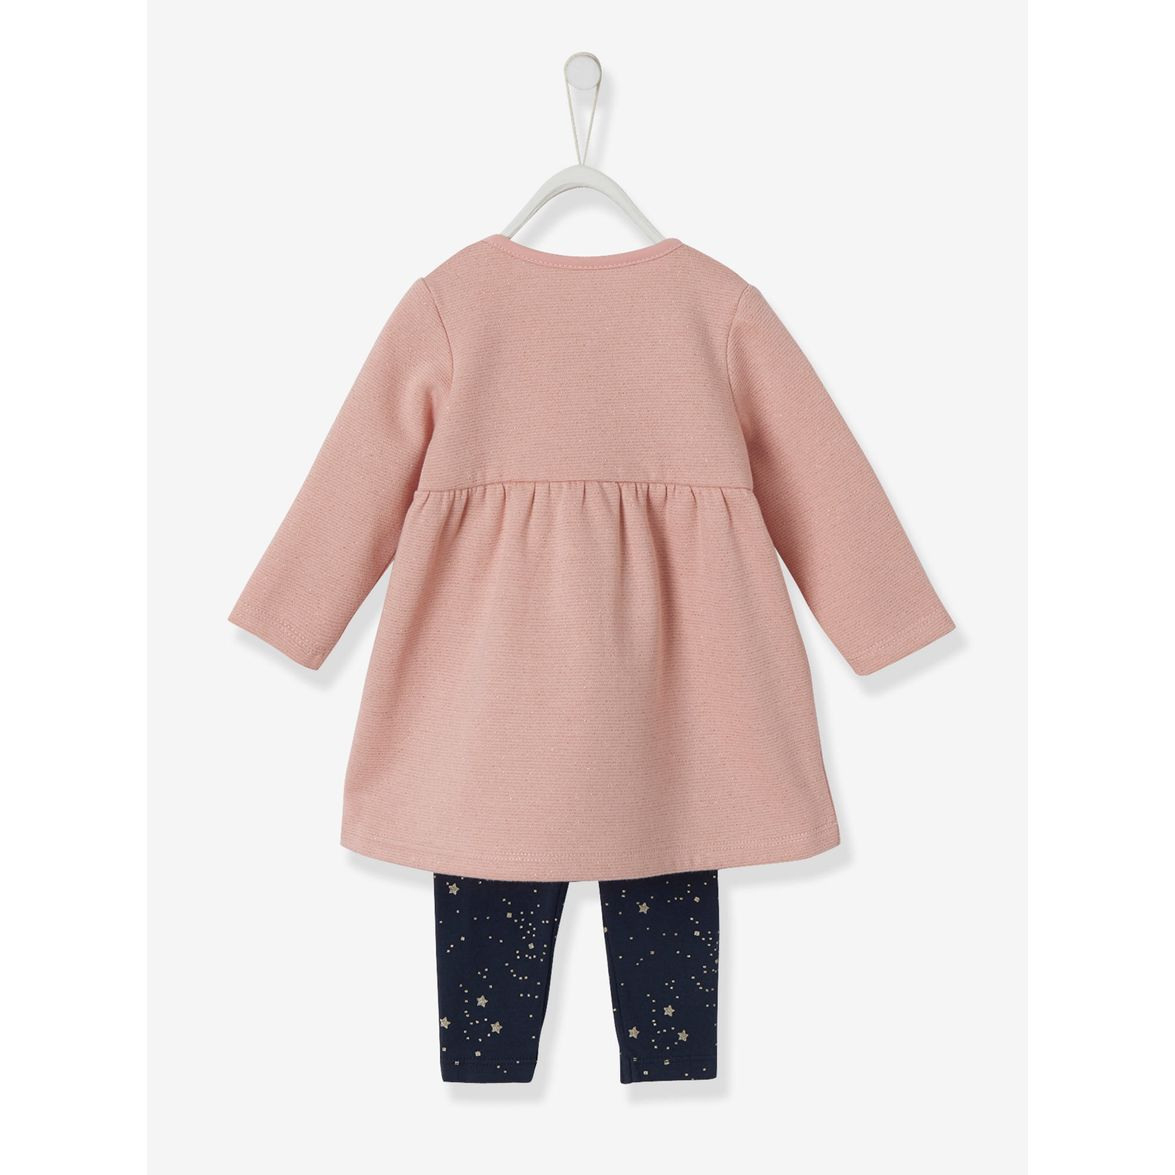 Vertbaudet Kleid Mit Leggings Für Baby Mädchen Online